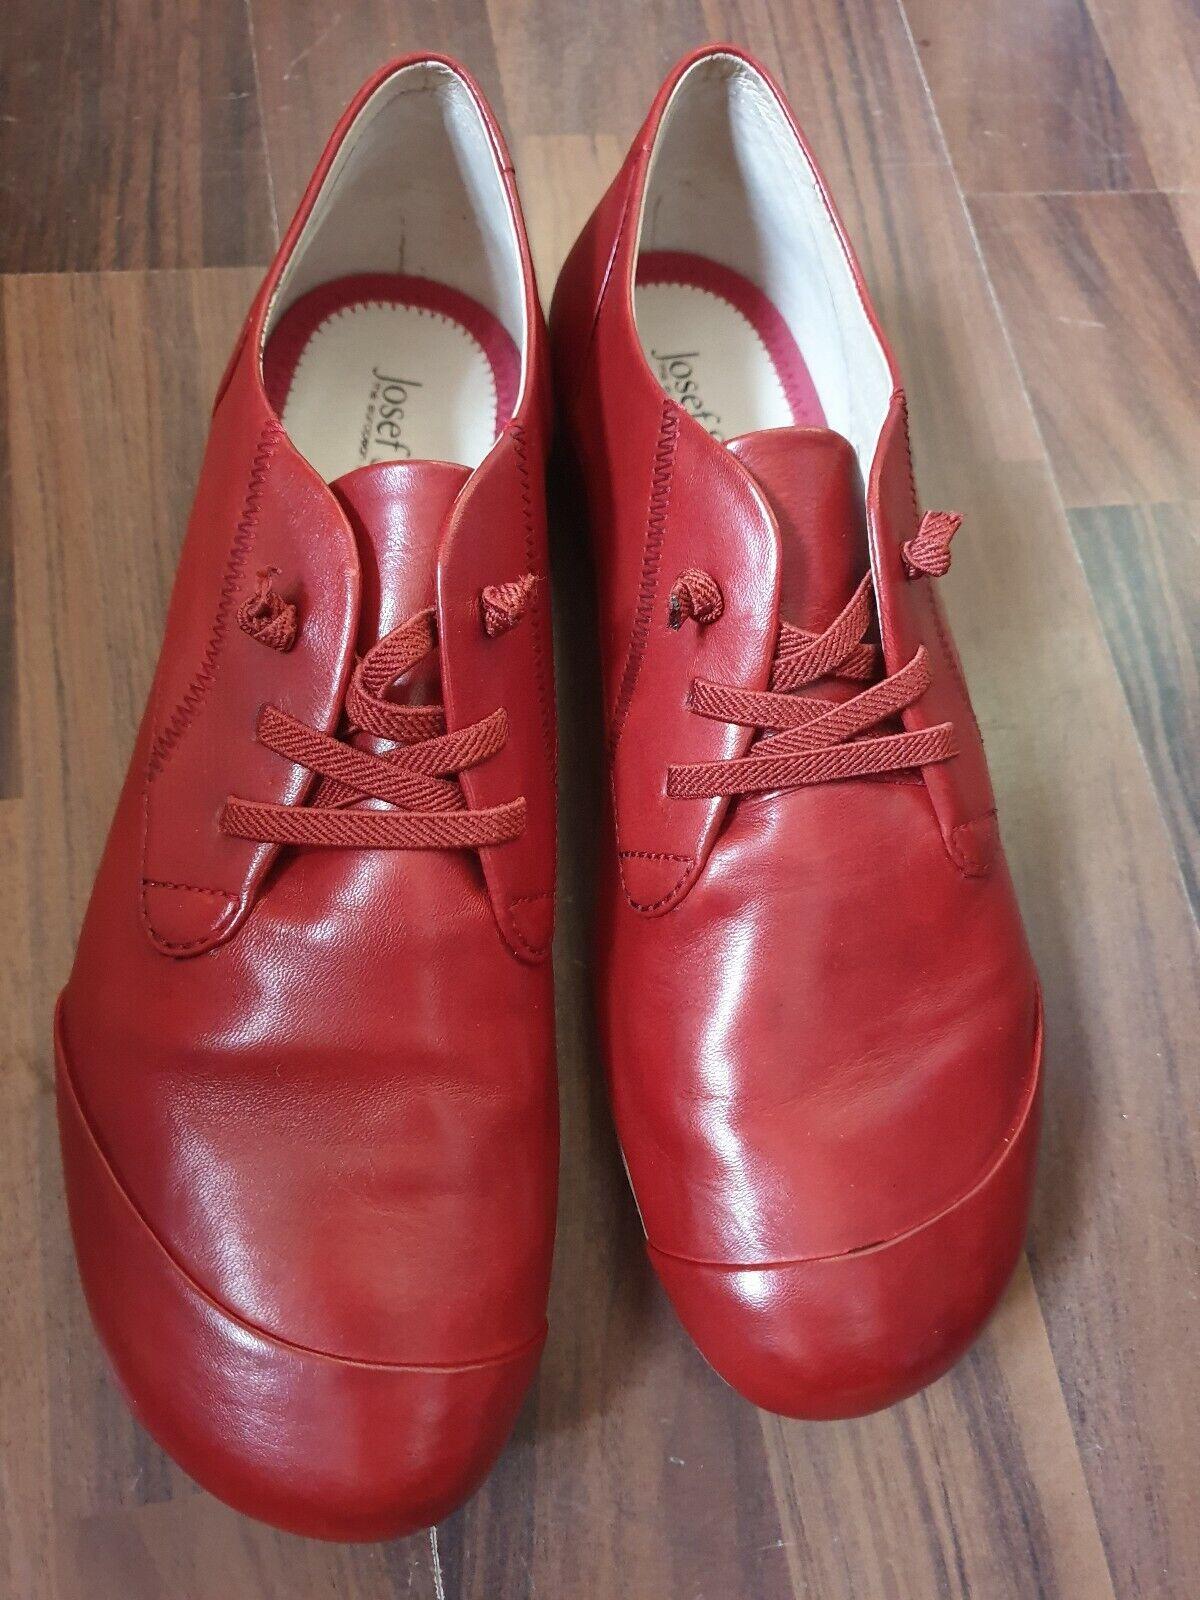 Josef Seibel 87201-971 Fiona 01 Schuhe Damen Slipper